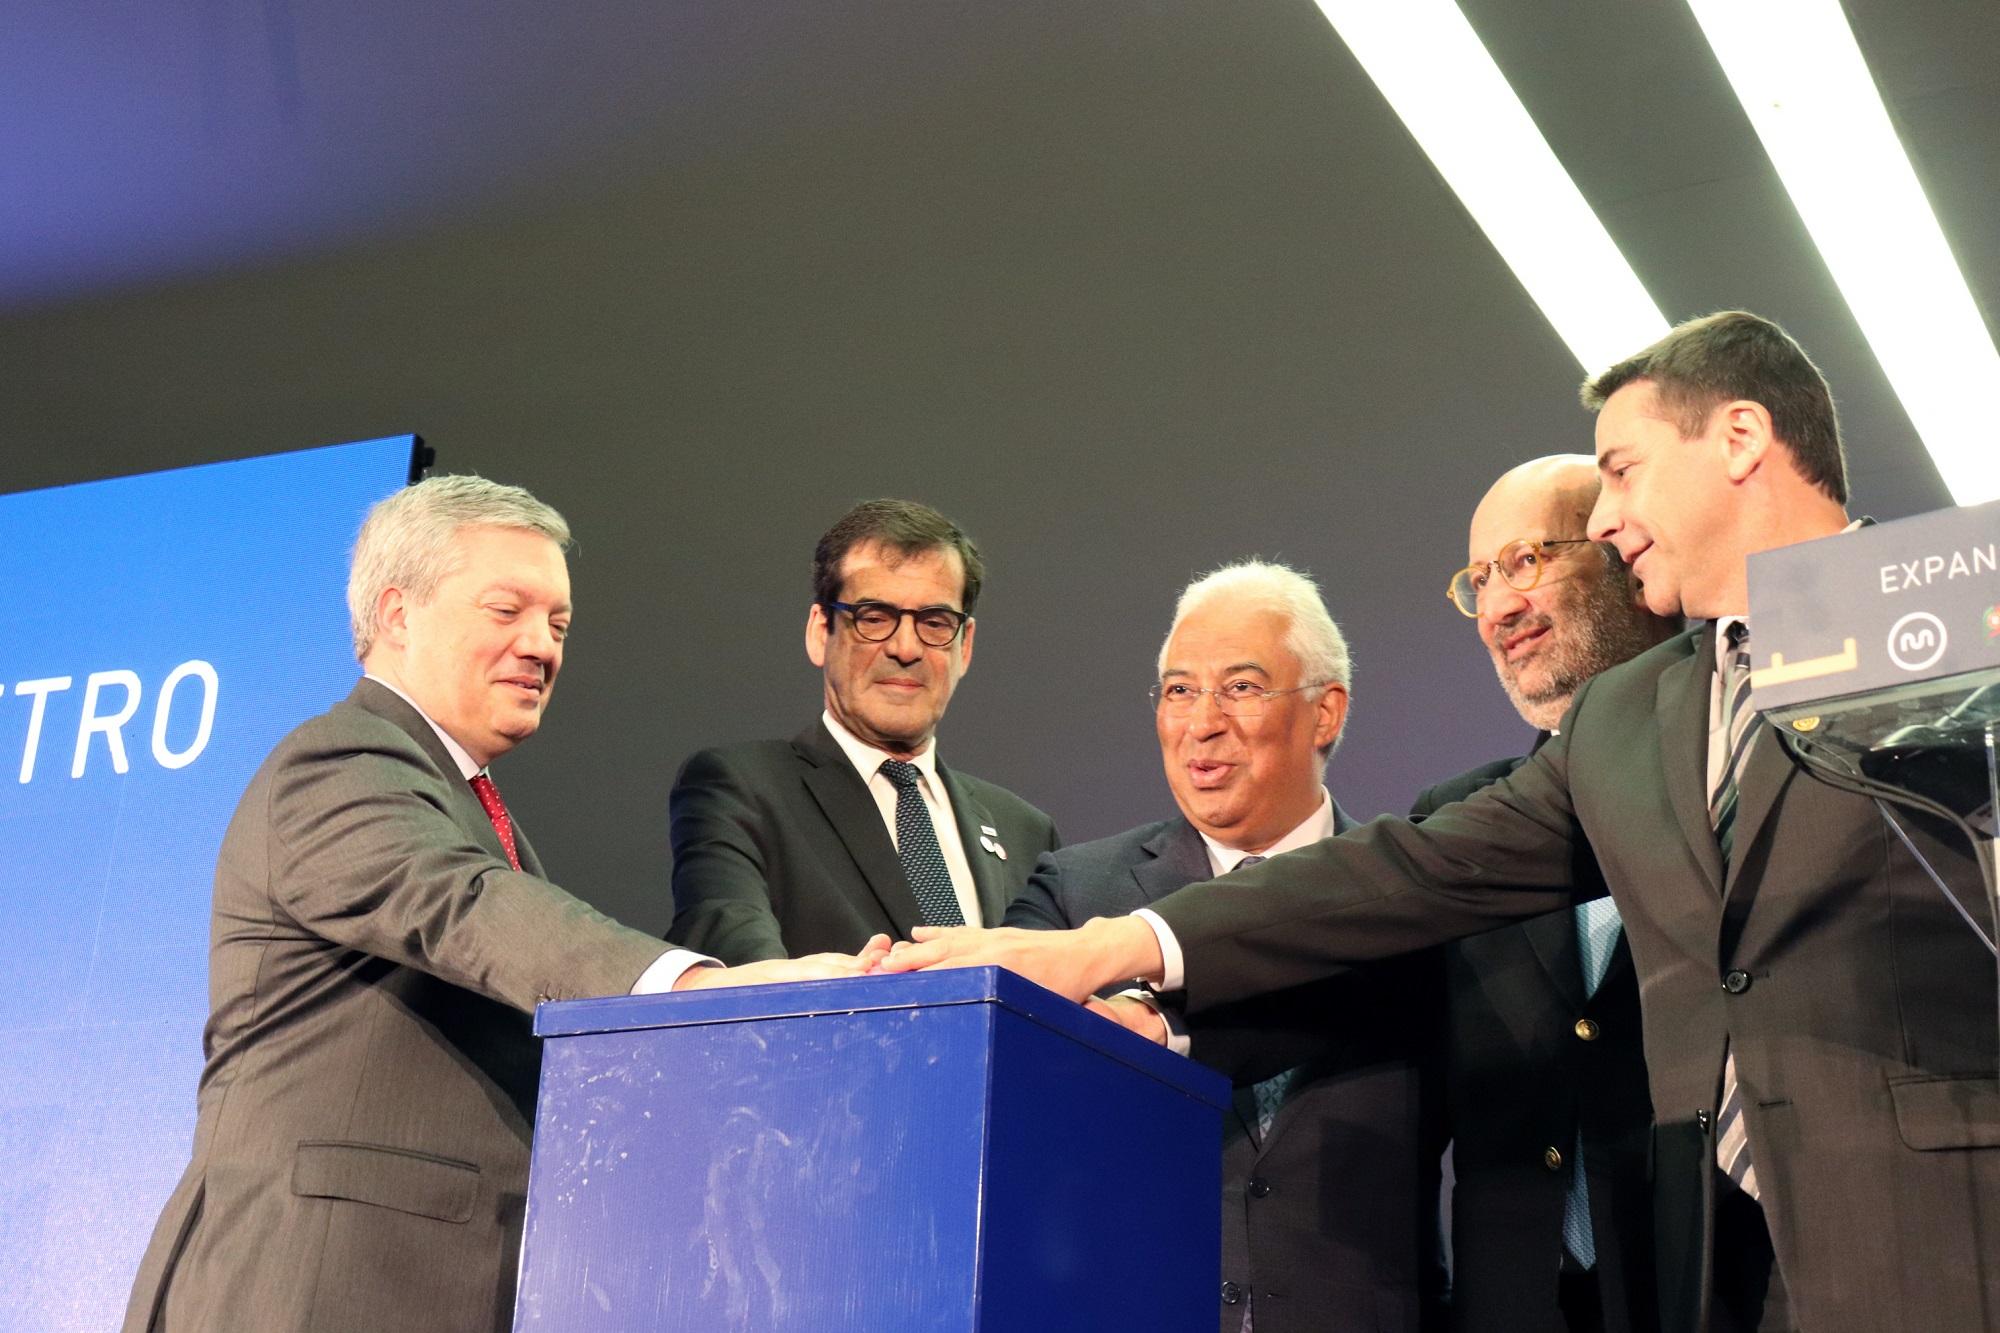 A abertura do concurso público para a Linha Rosa foi feita na estação 24 de Agosto. O concurso da Linha Amarela foi aberto em Santo Ovídio.